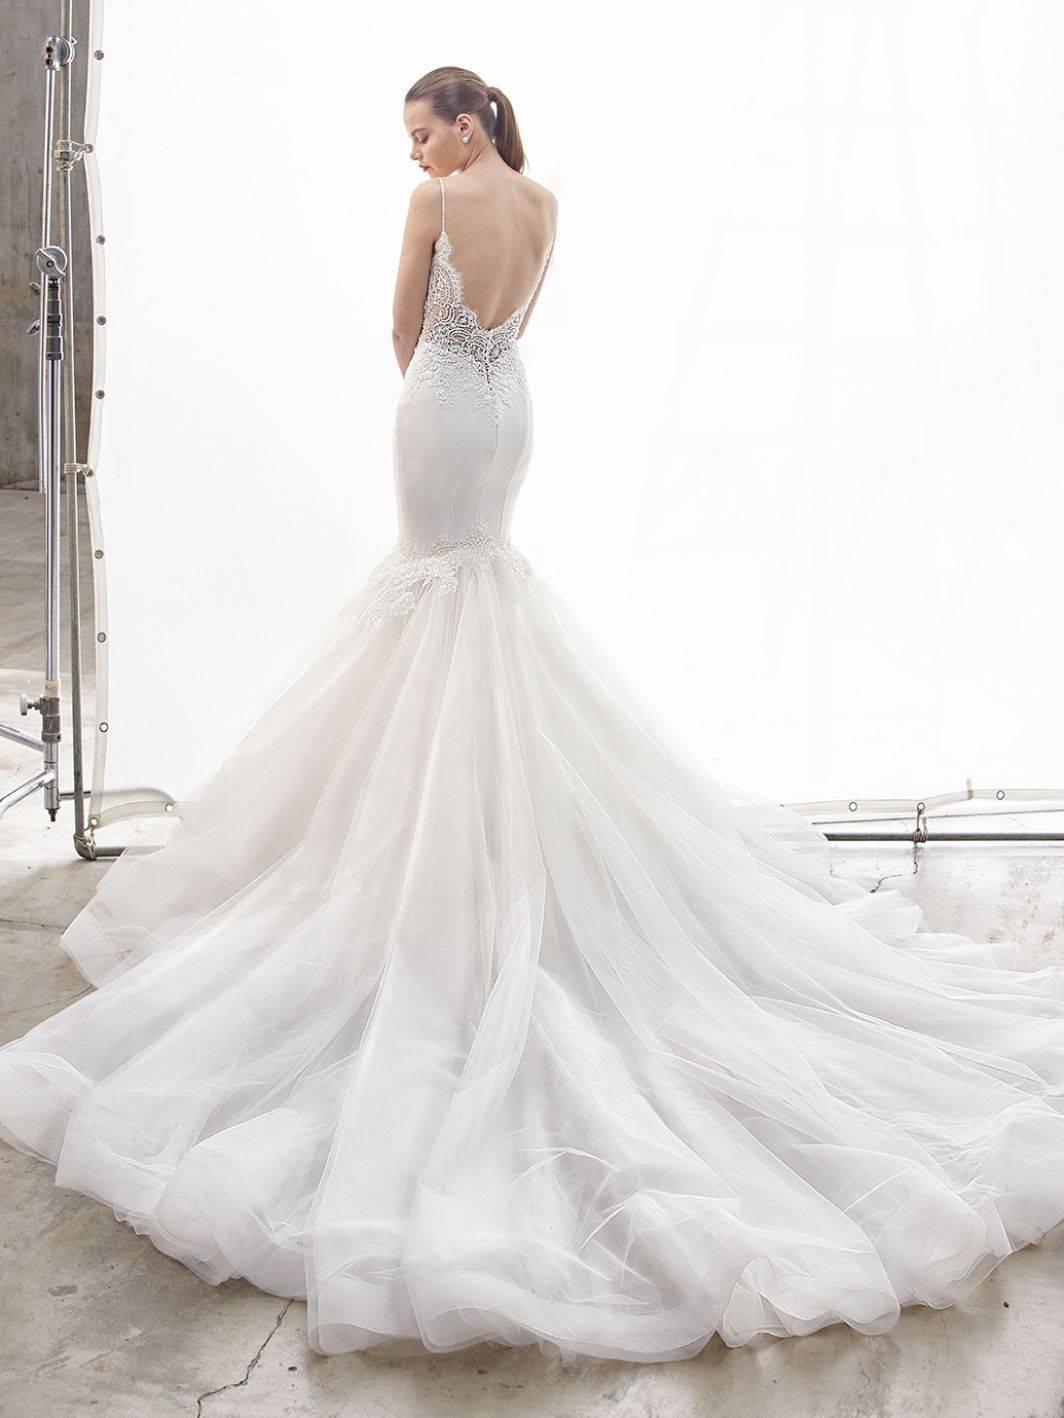 ENZOANI WEDDING DRESS NAYA